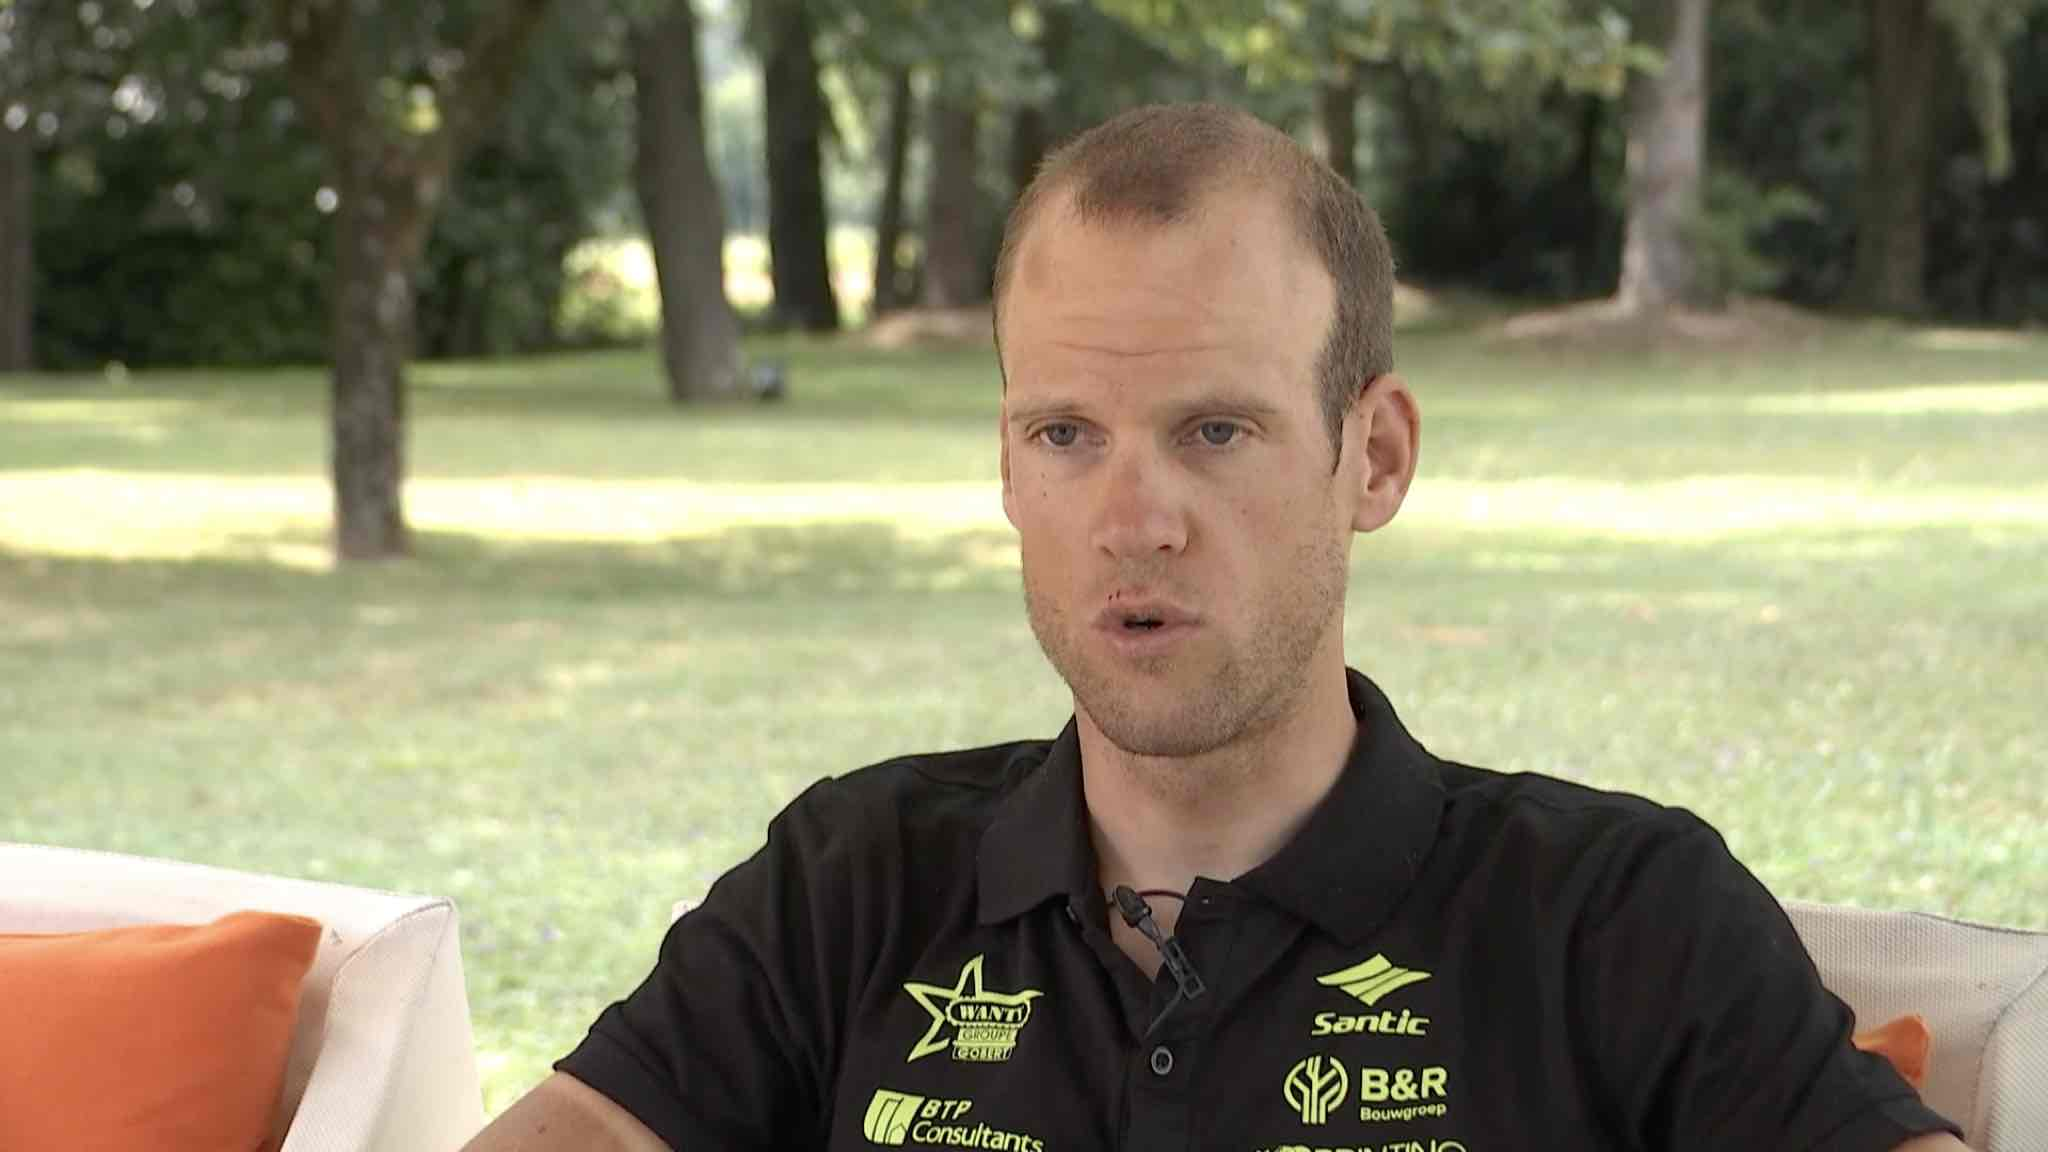 un bilan mitigé pour la première semaine de Thomas Degand sur le Tour de France